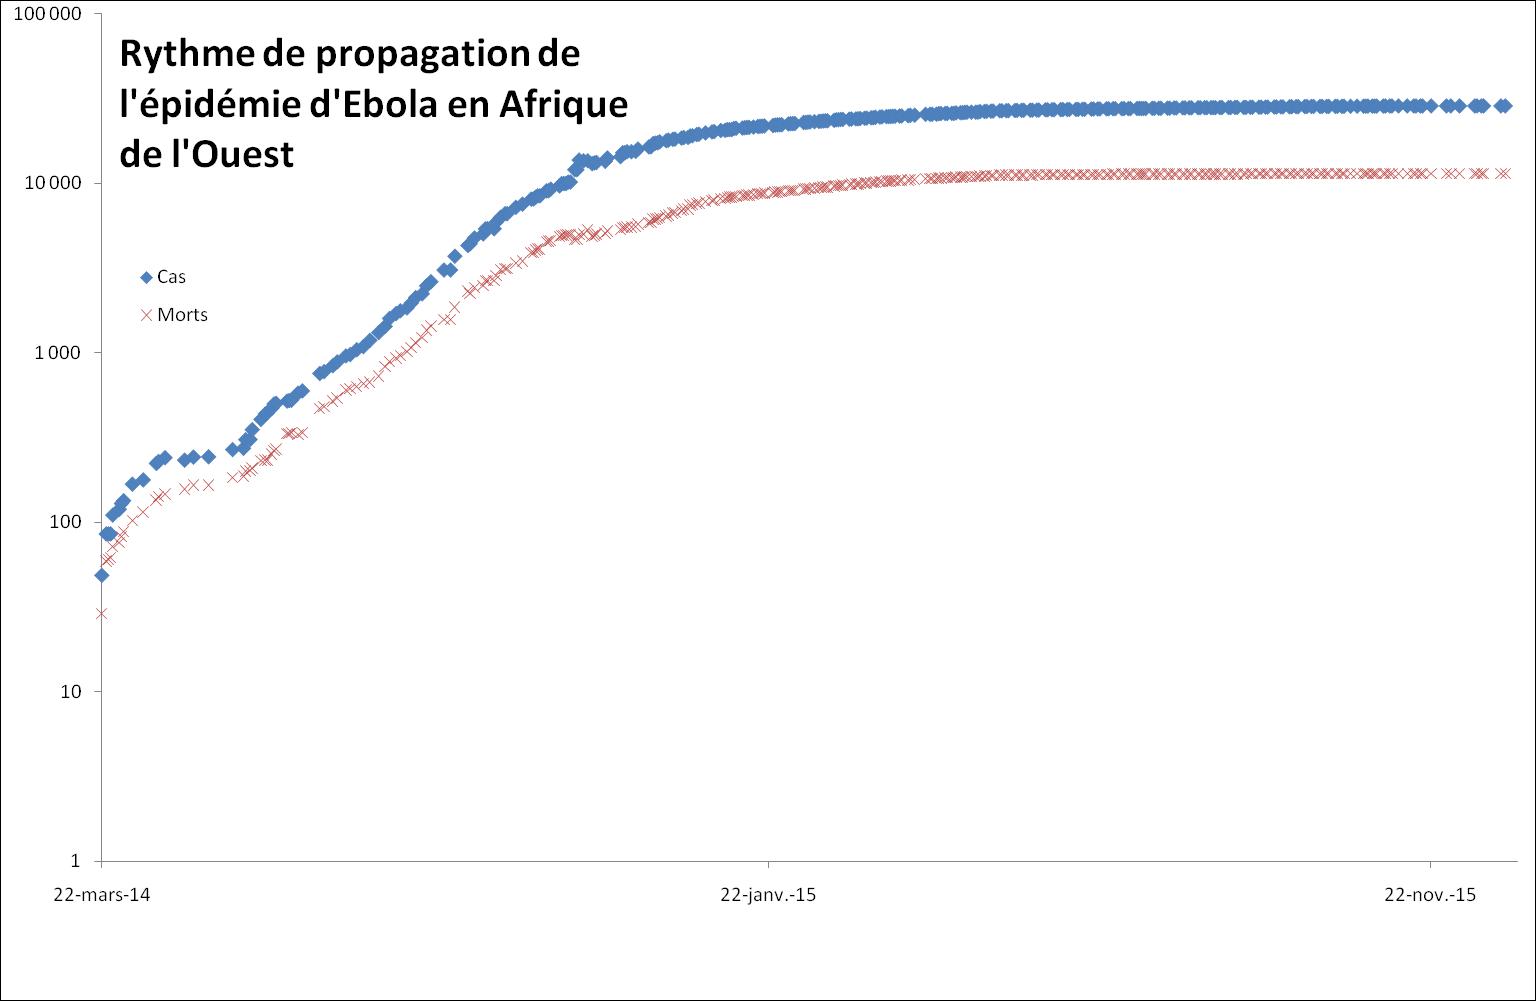 Evolution de la mortalité cumulée en Afrique de l'Ouest (et quelques autres pays touchés par Ebola), échelle logarithmique